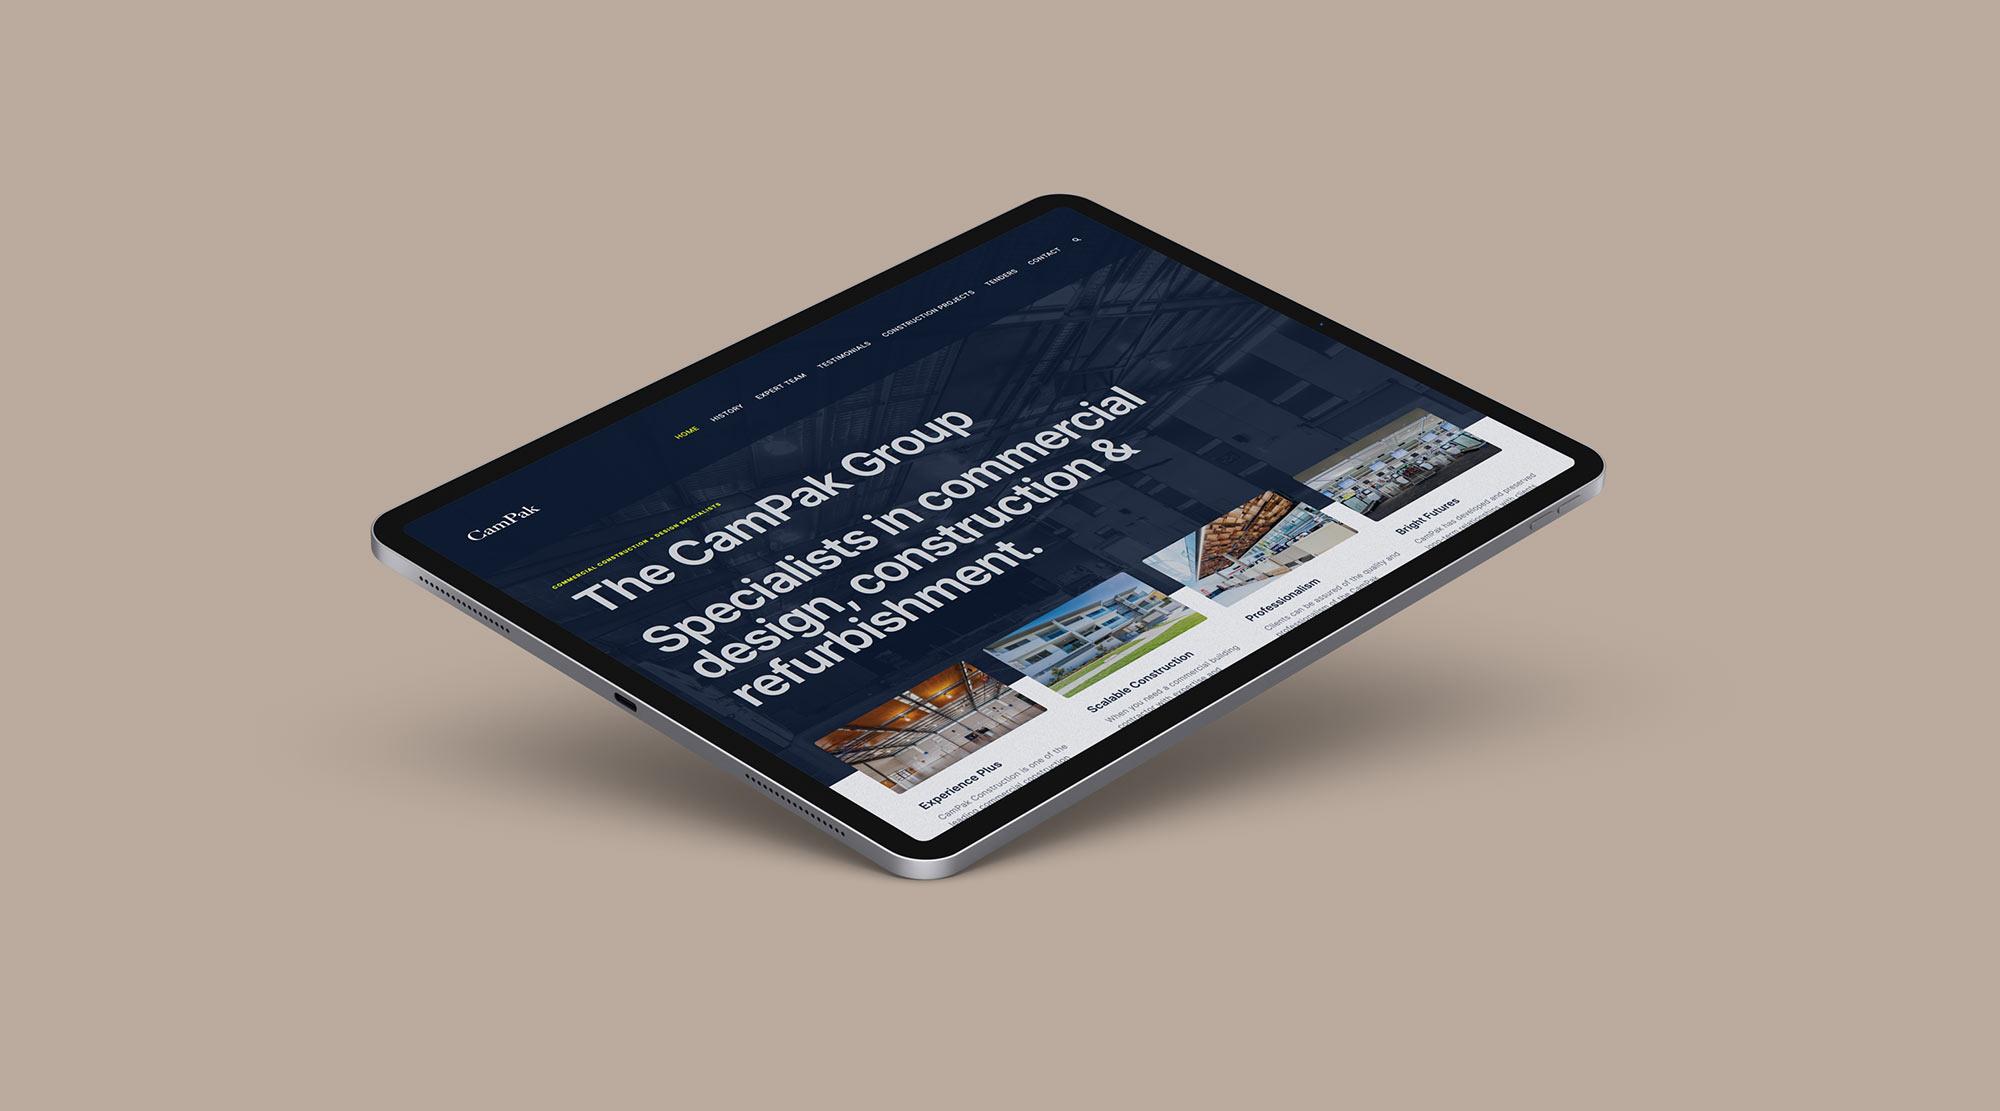 iPad--CamPak